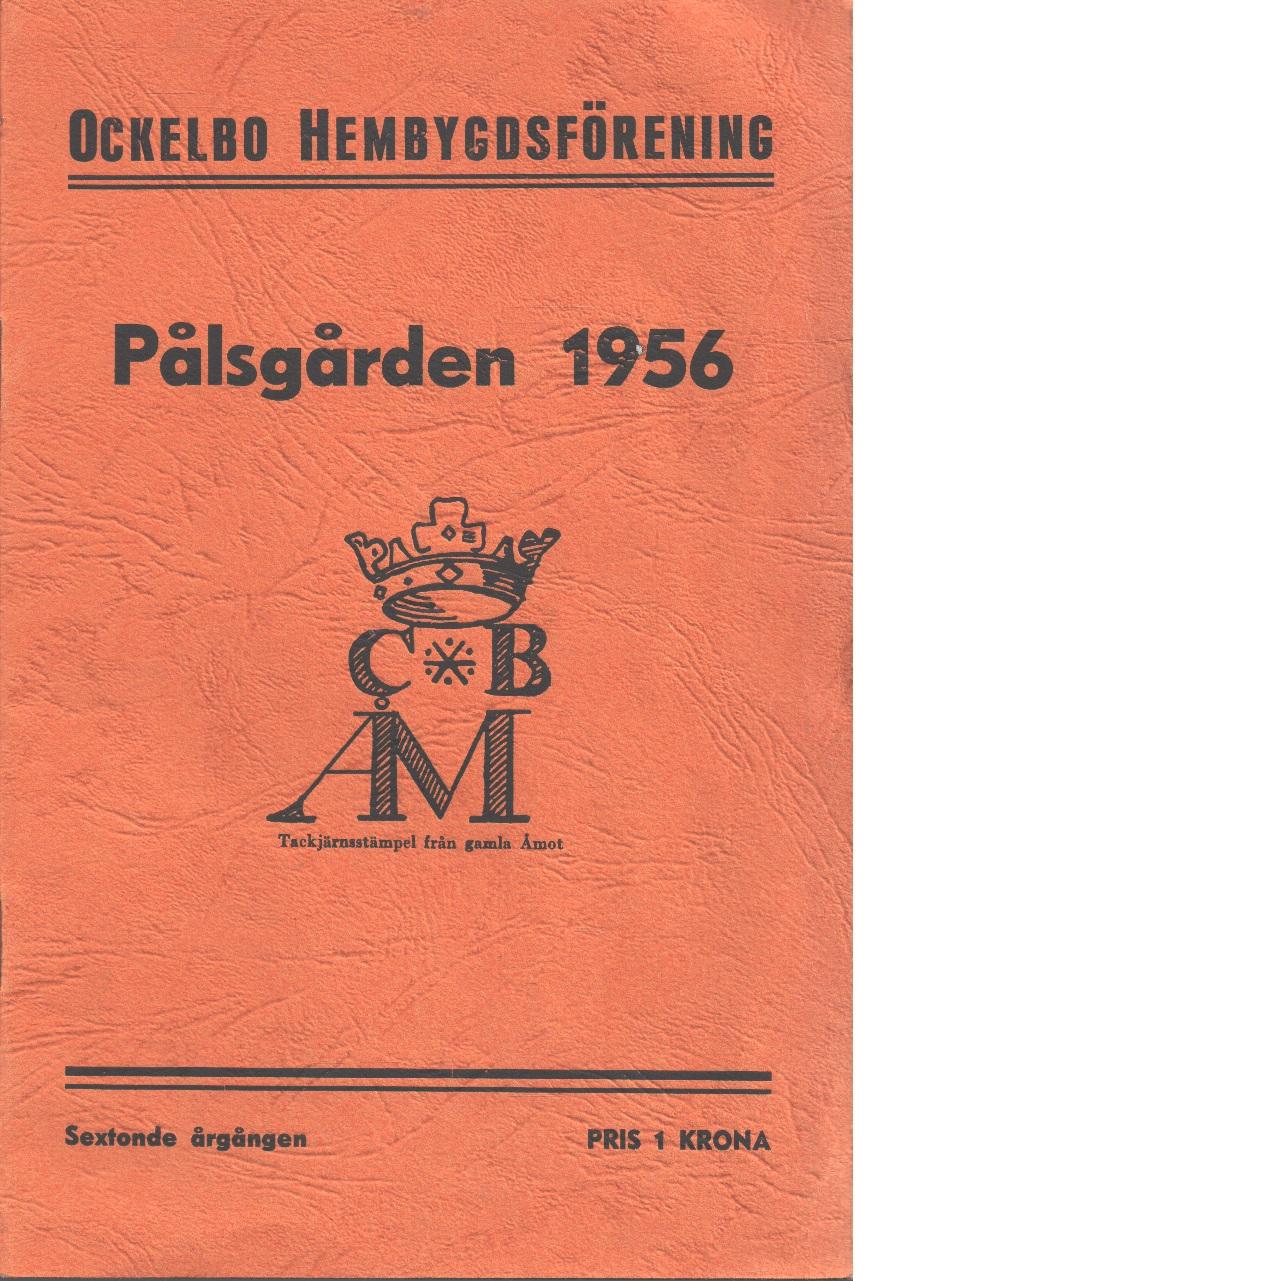 Pålsgården - Red. Ockelbo Hembygdsförening